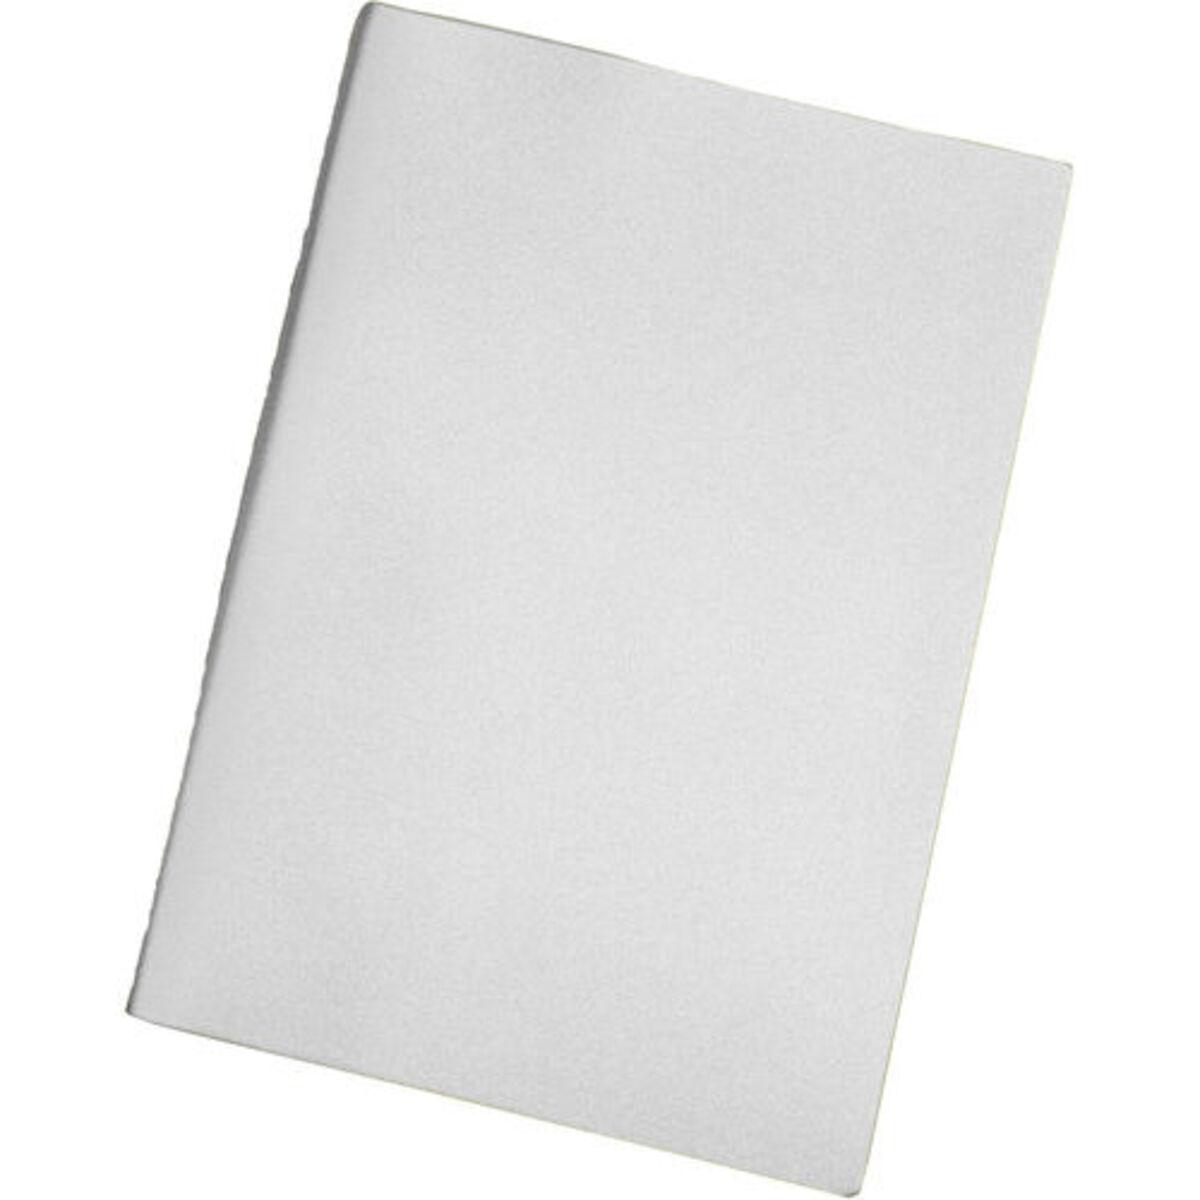 Bild 2 von florex® Platin Topper-Spannbettlaken Platin, 100x200 cm, silber, cm